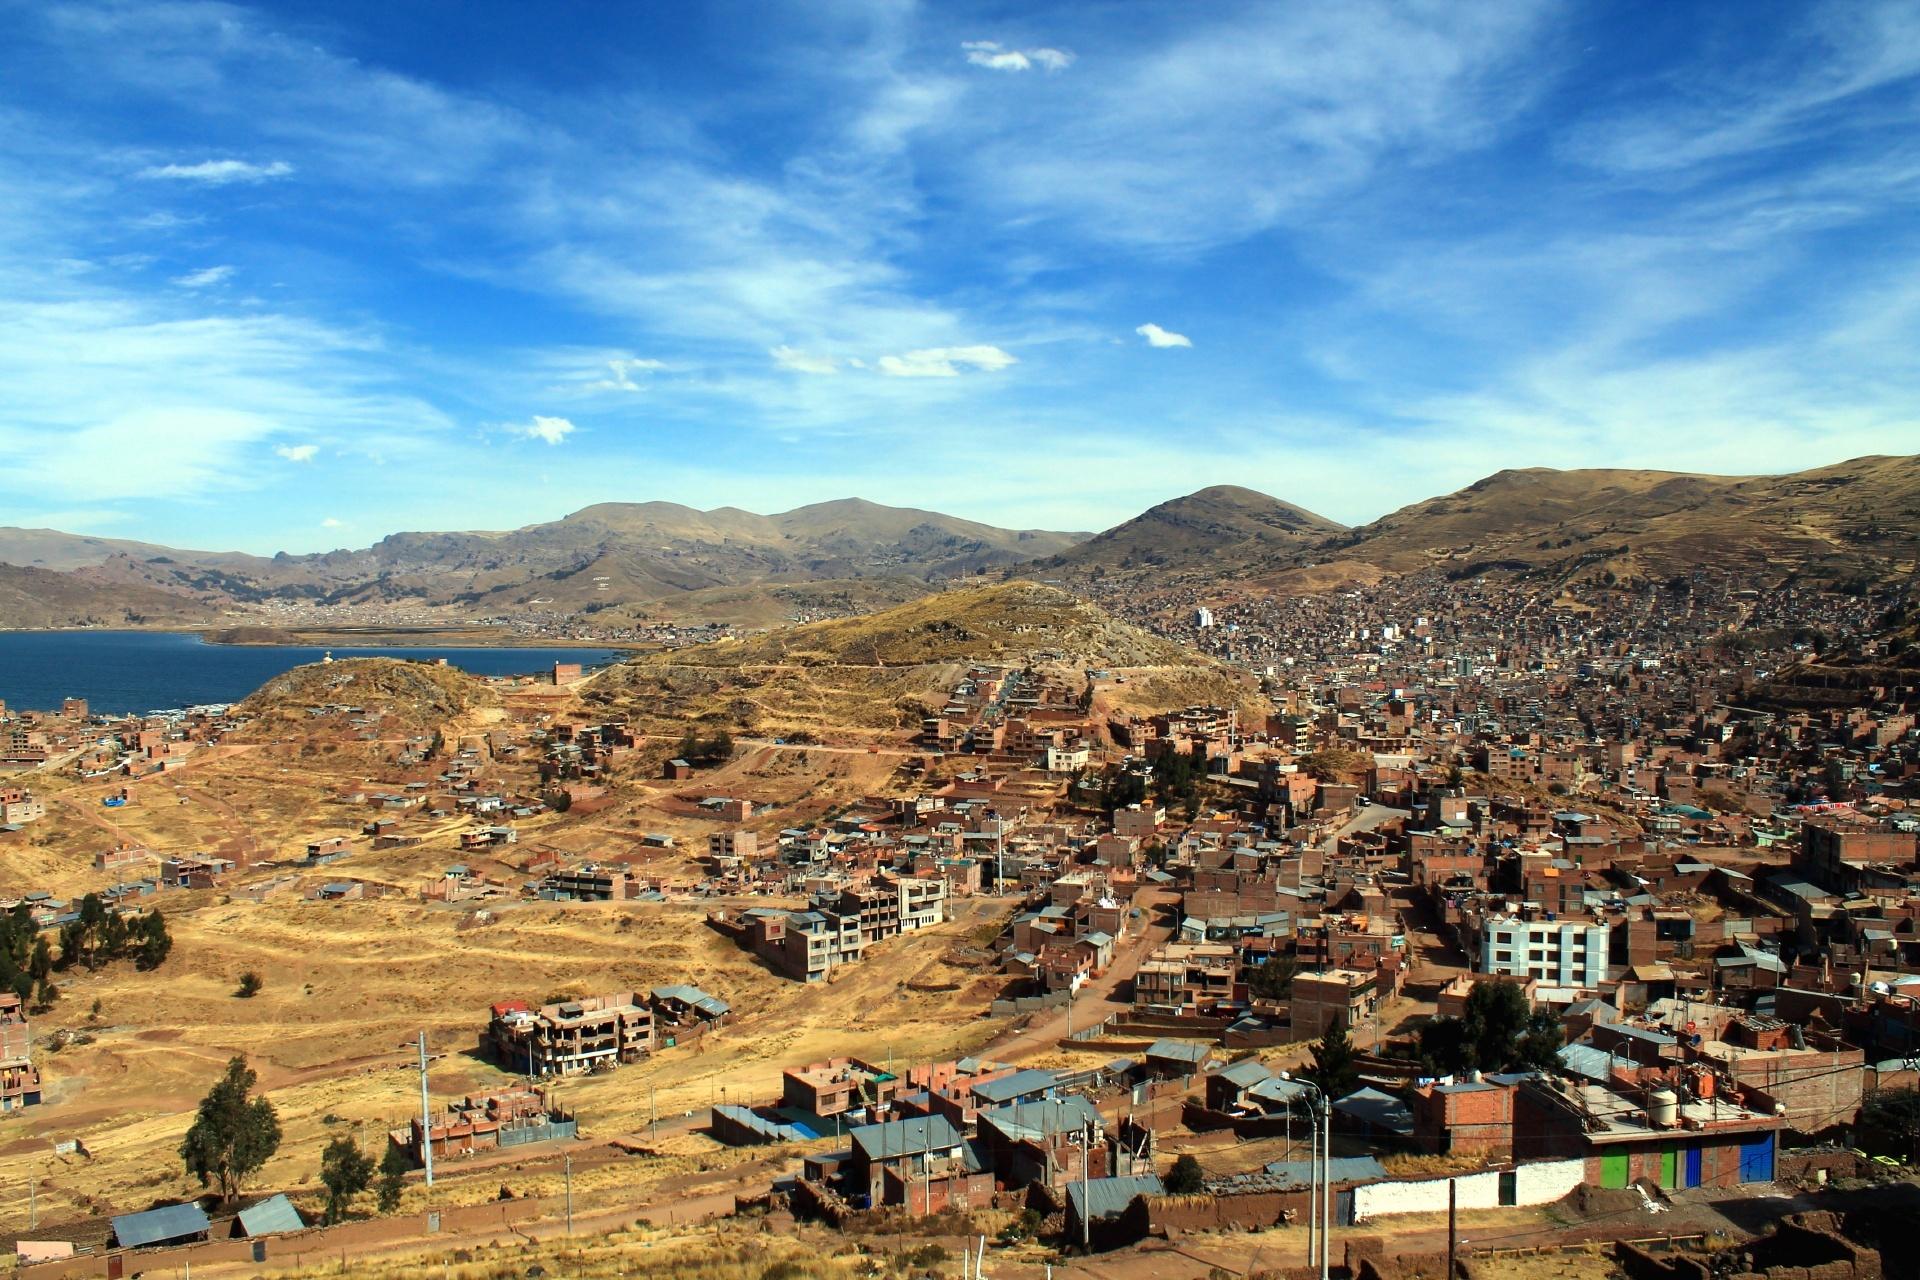 プーノの街並み ペルーの風景